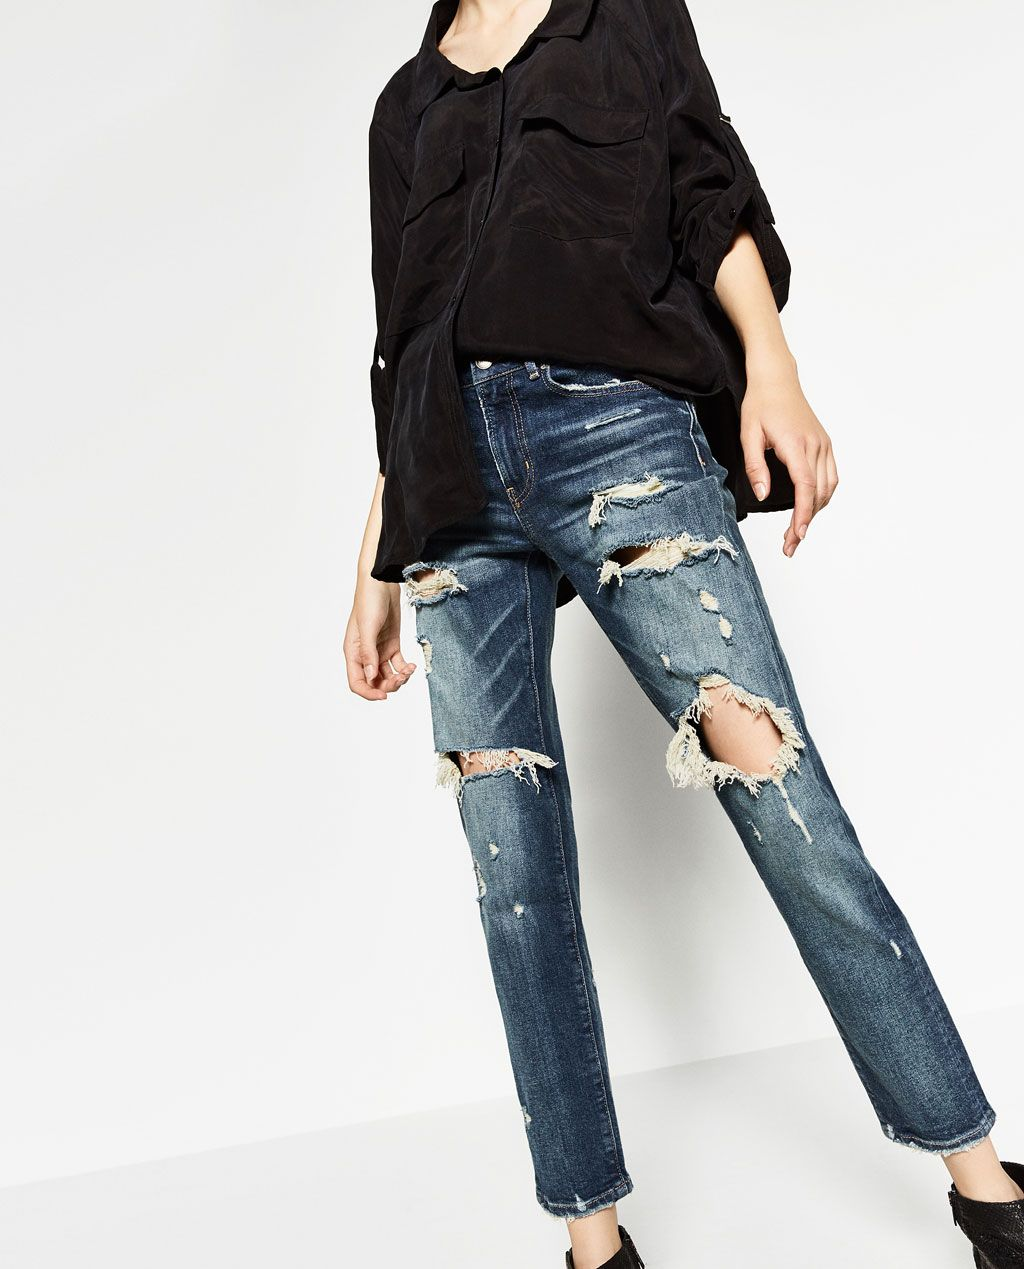 nuevo estilo y lujo compre los más vendidos como escoger ZARA - MUJER - PANTALÓN SLIM BOYFRIEND | Products I Love ...